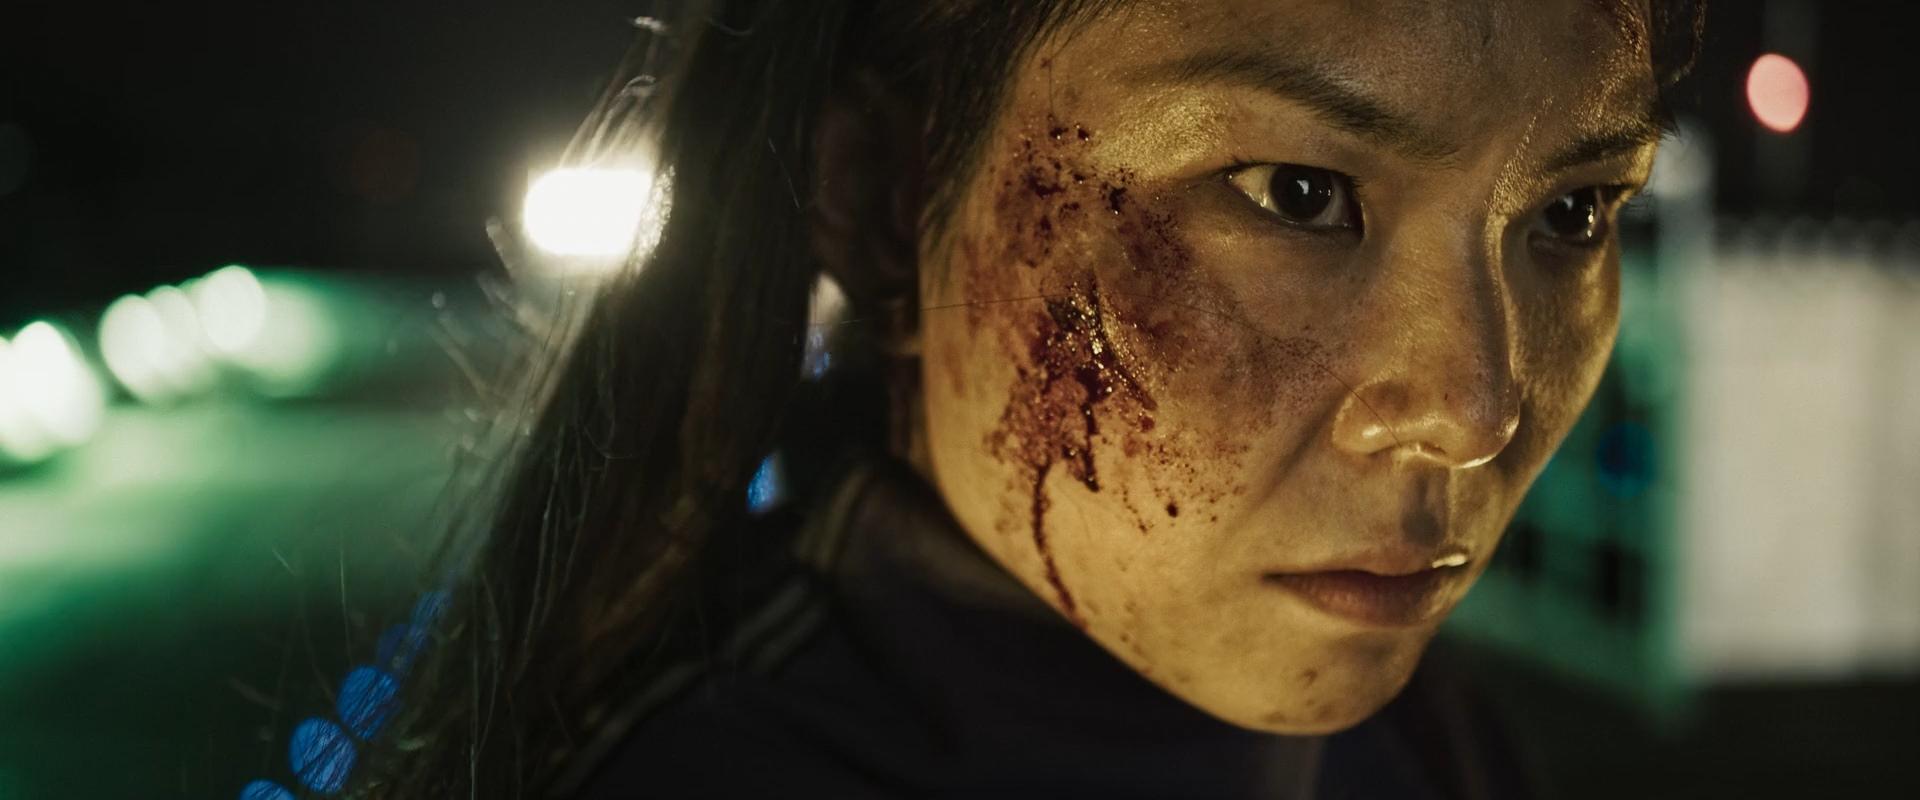 Yakuza Princess | 2021 | m720p - m1080p | WEB-DL | Türkçe Altyazılı | Tek Link